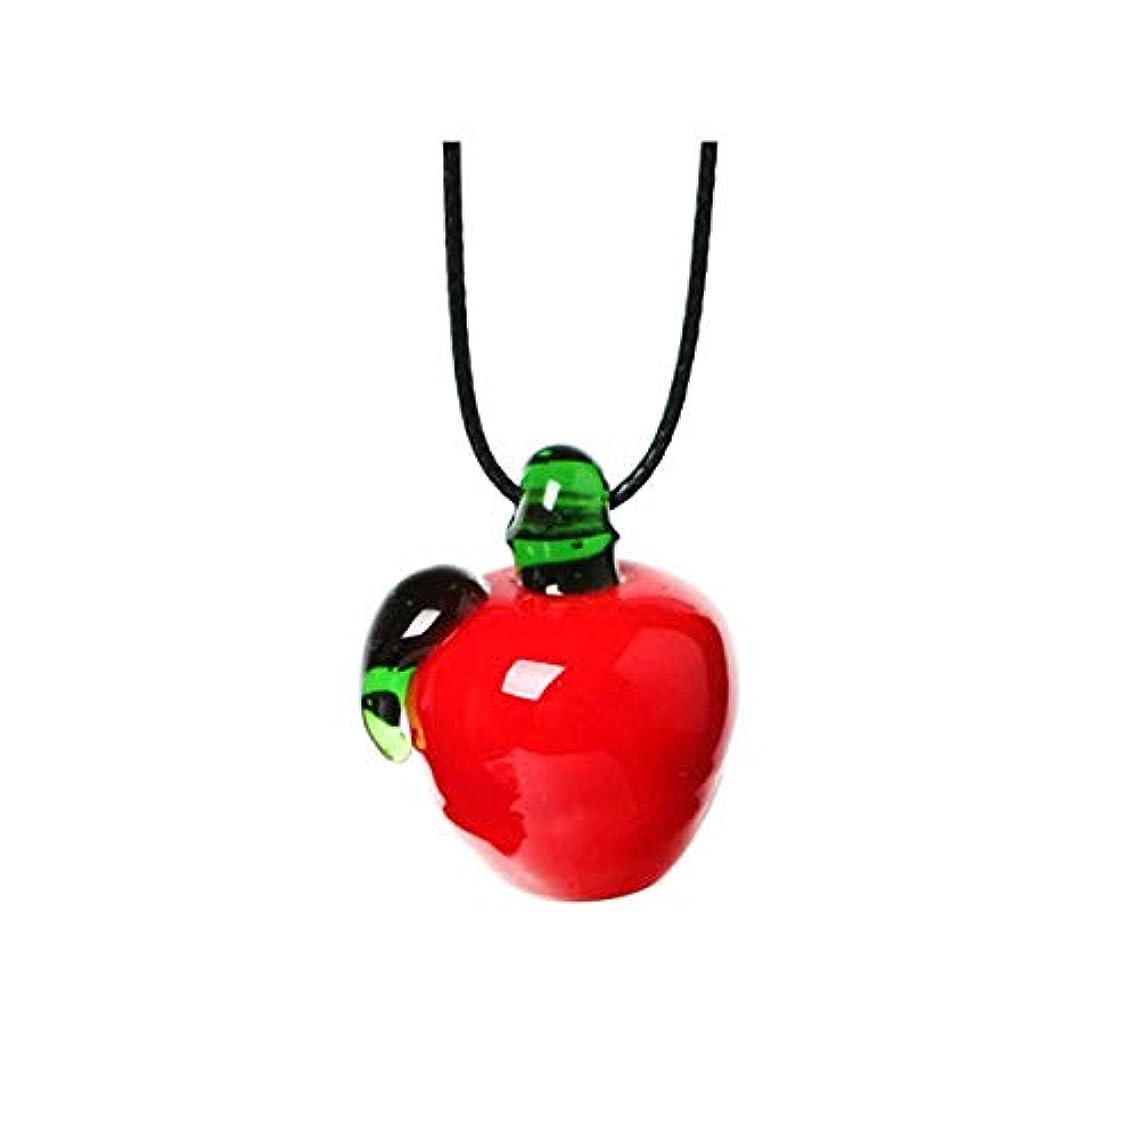 アロマ ペンダント りんご 専用スポイト付 アロマテラピー アロマグッズ ネックレス 香水 香 かおり 種類,りんご【A】